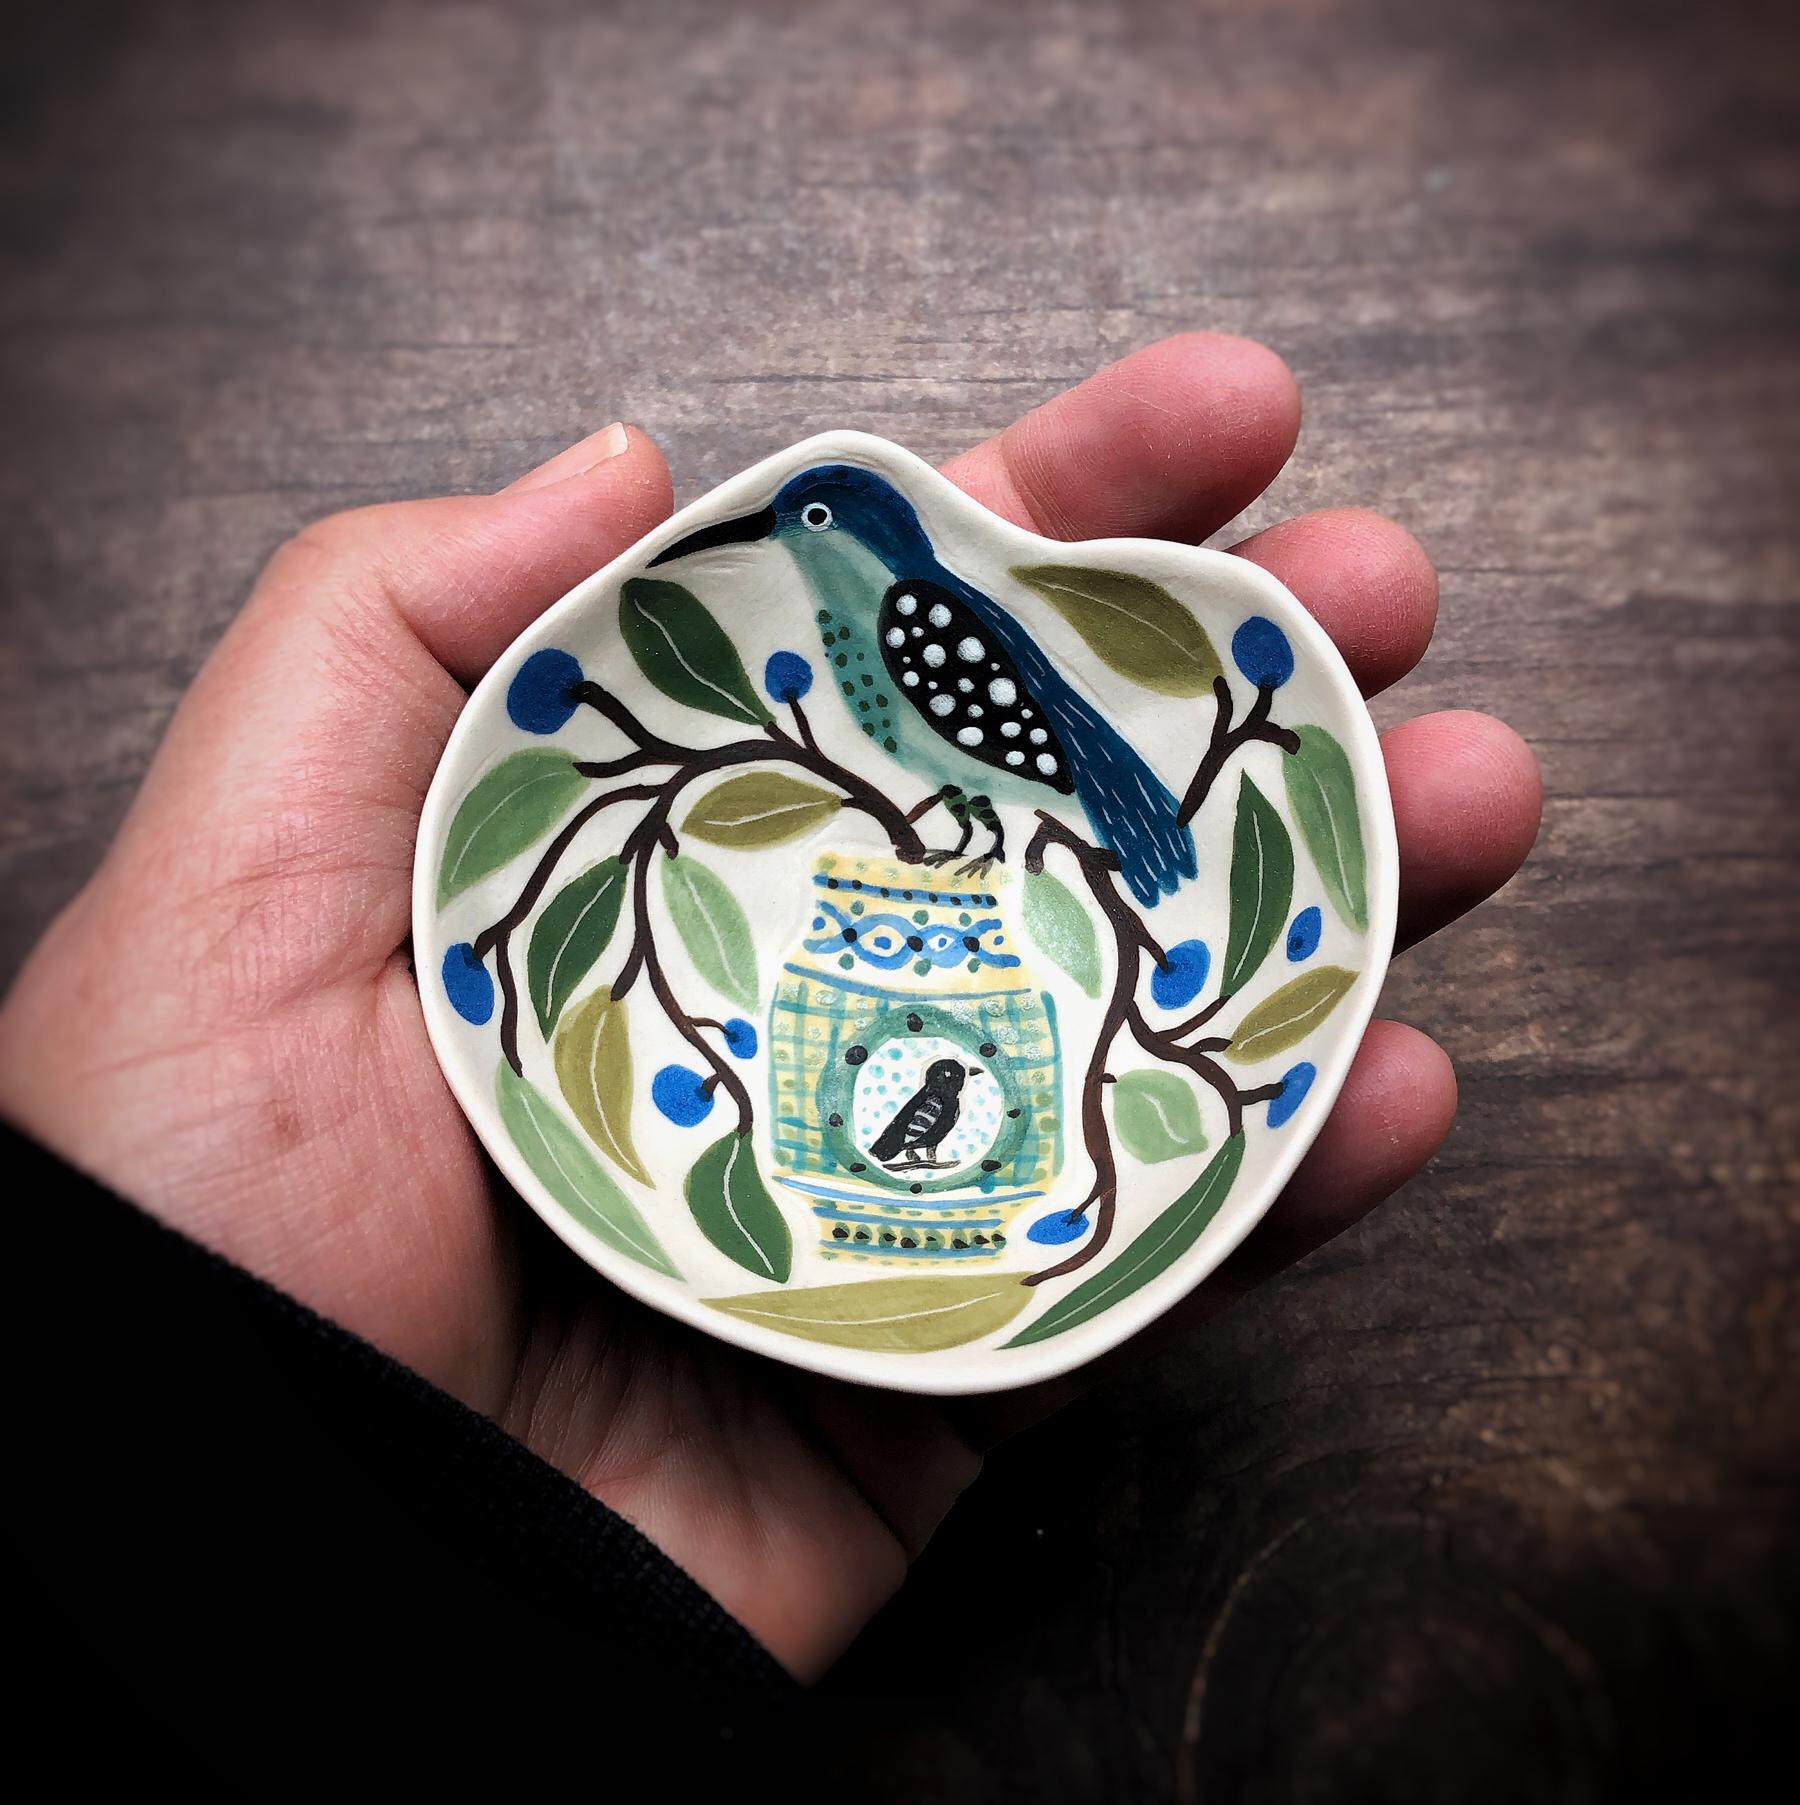 6-Gabrielle_Schaffner_handmade_porcelain-pinch_pot_bird_alborello-in-hand.jpg.jpg